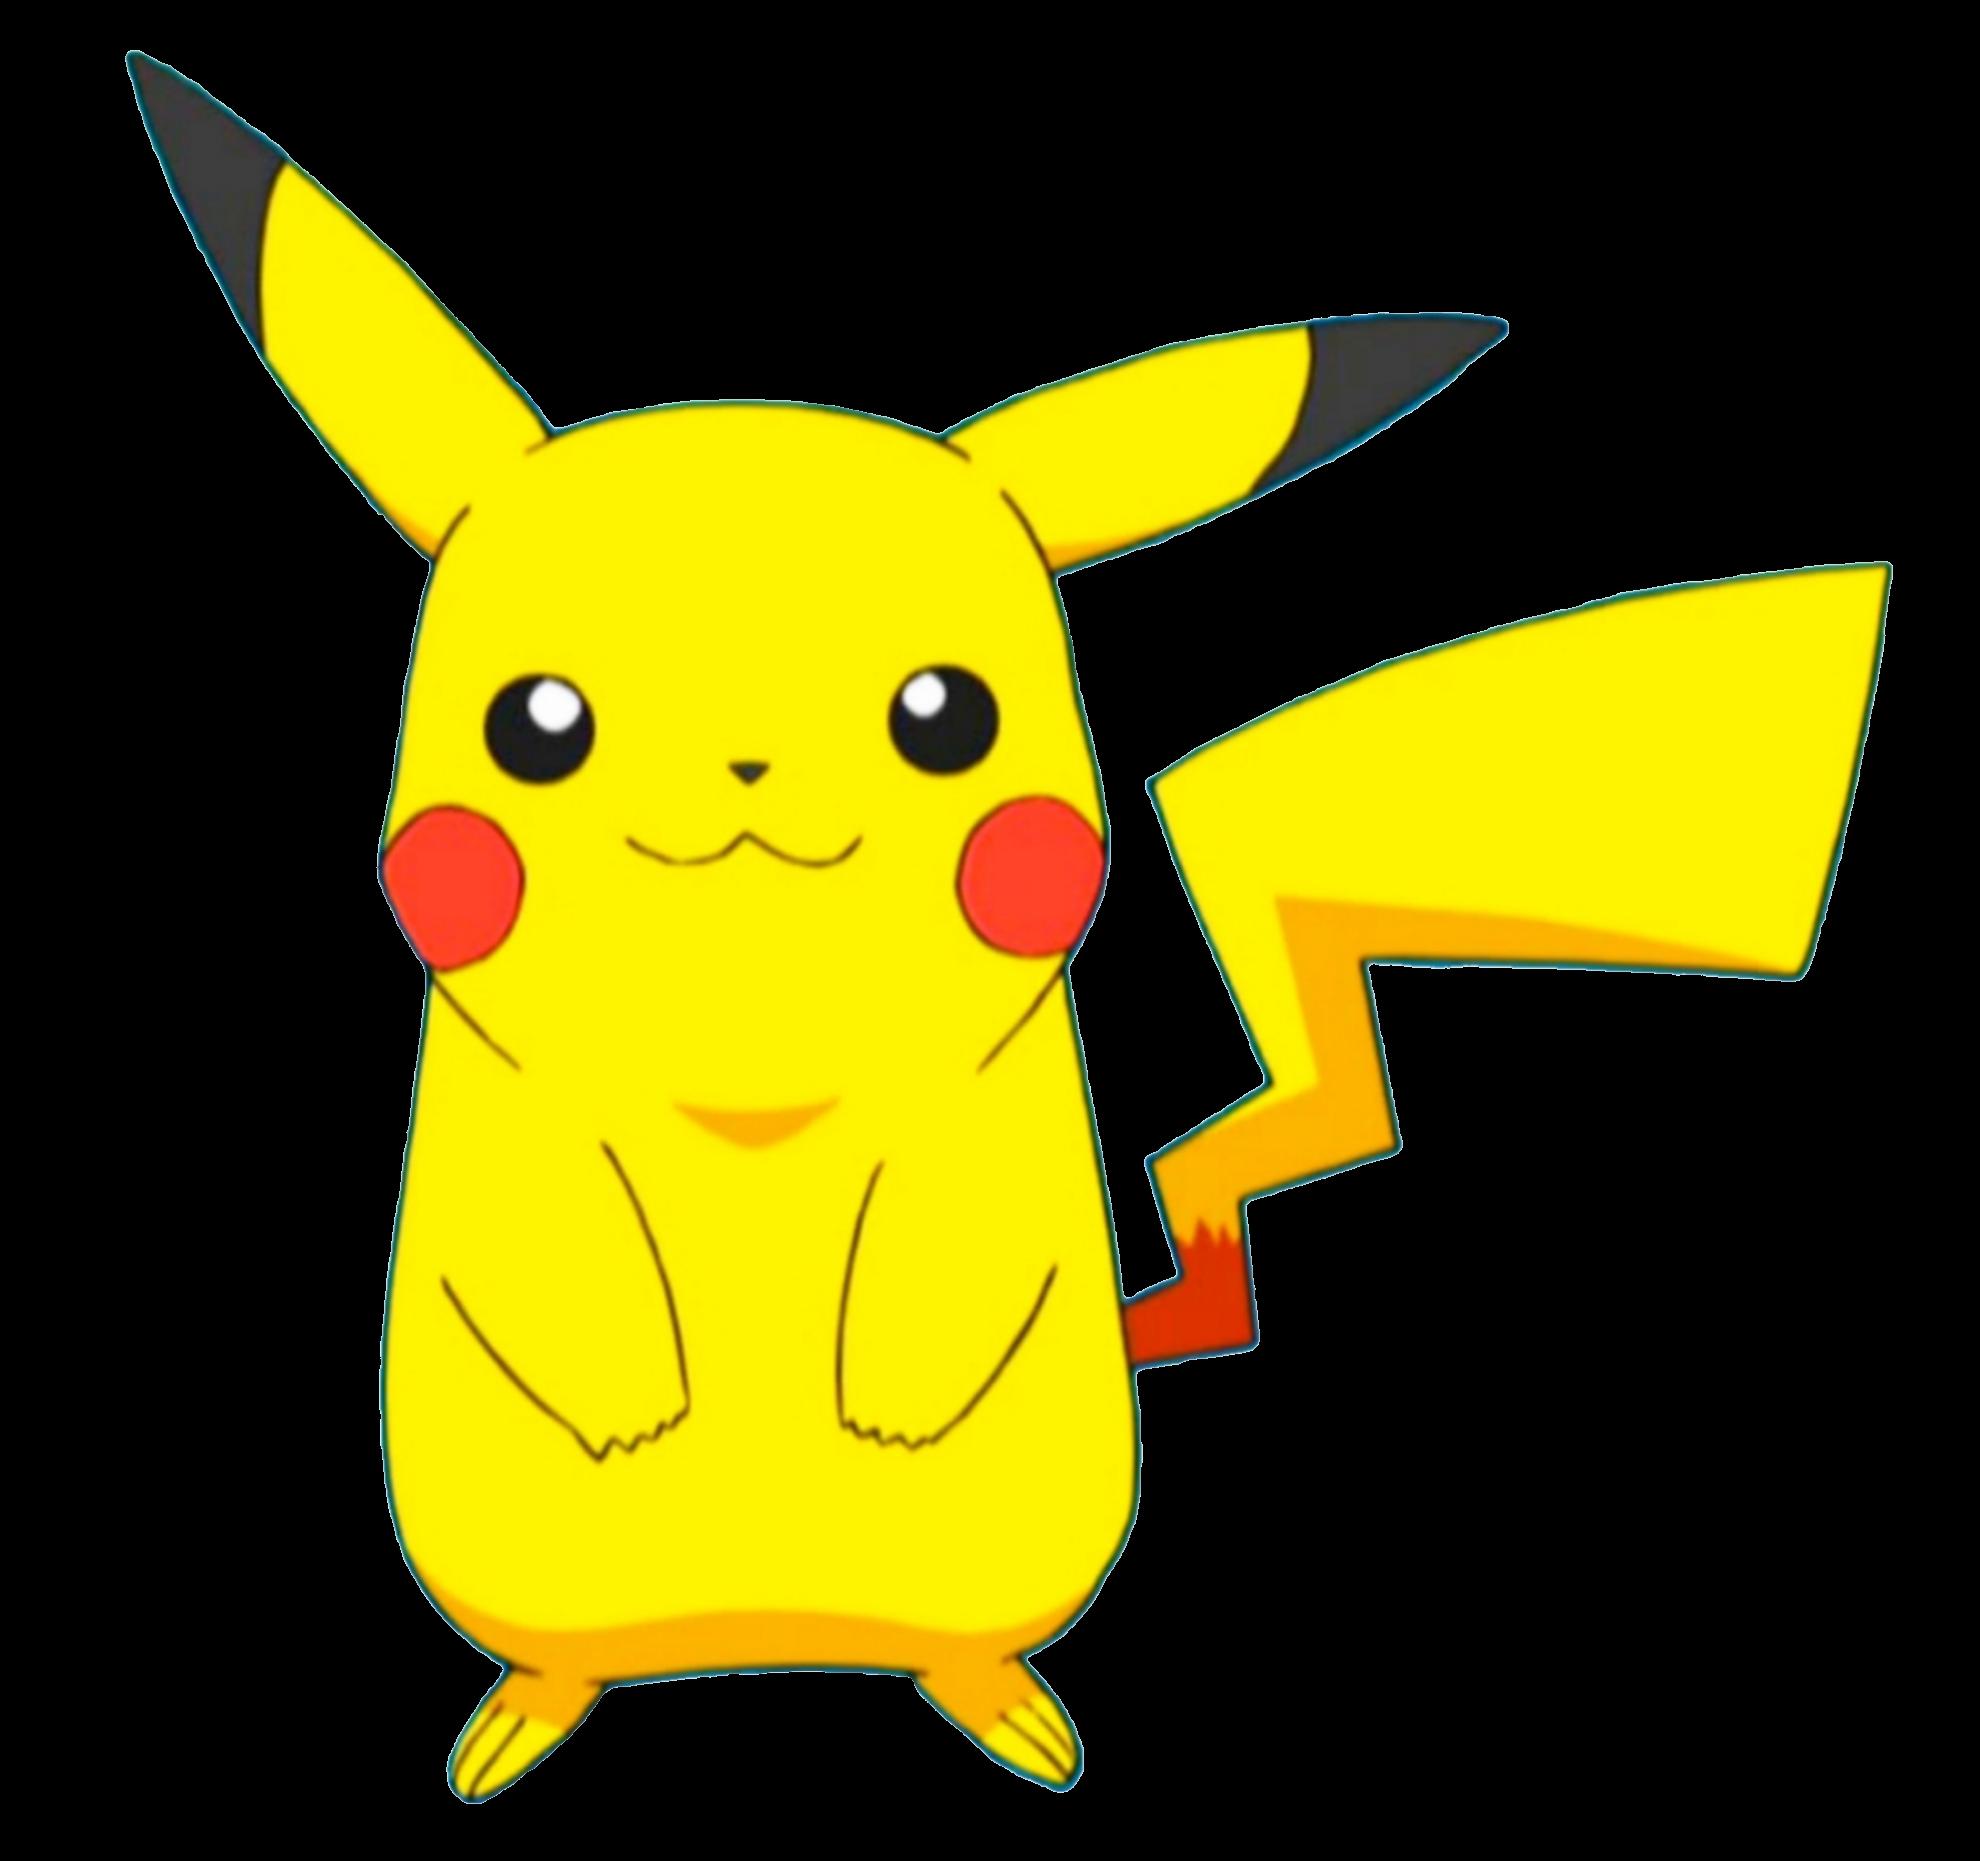 Pikachu Sonic Pok 233 Mon Wiki Fandom Powered By Wikia